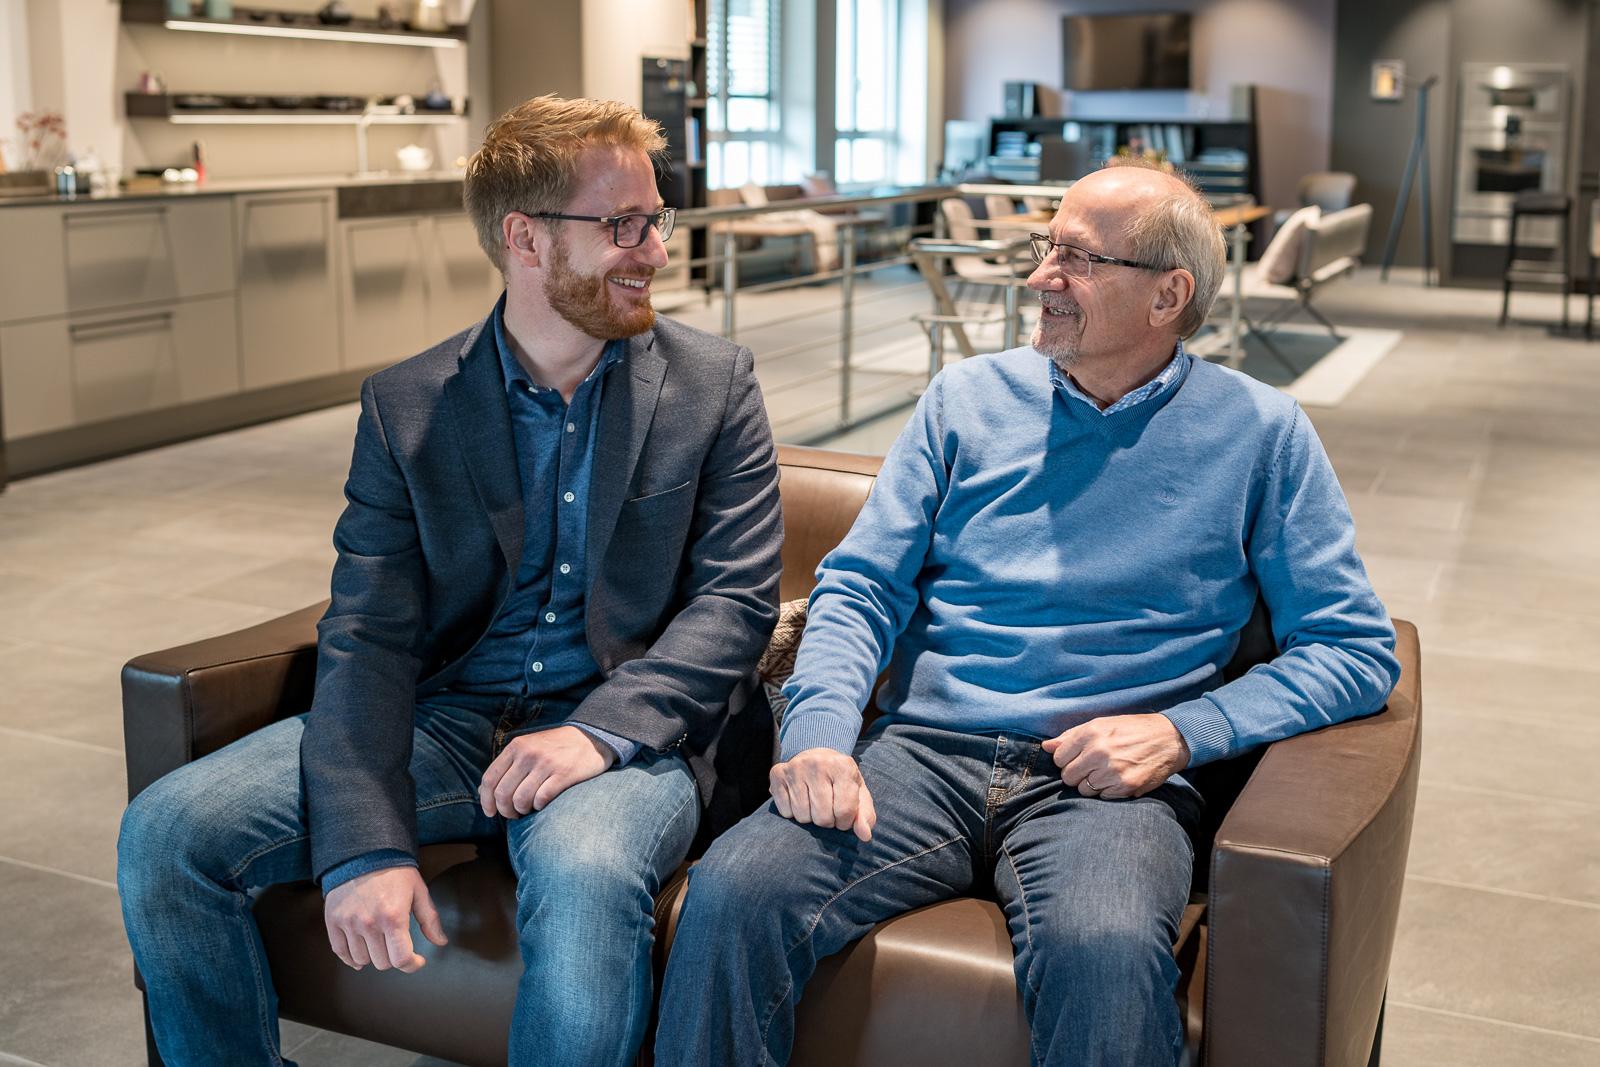 Küchen Galerie Bonn Christian Schröter mit Vater auf Sofa - Unternehmensporträt Bernadett Yehdou